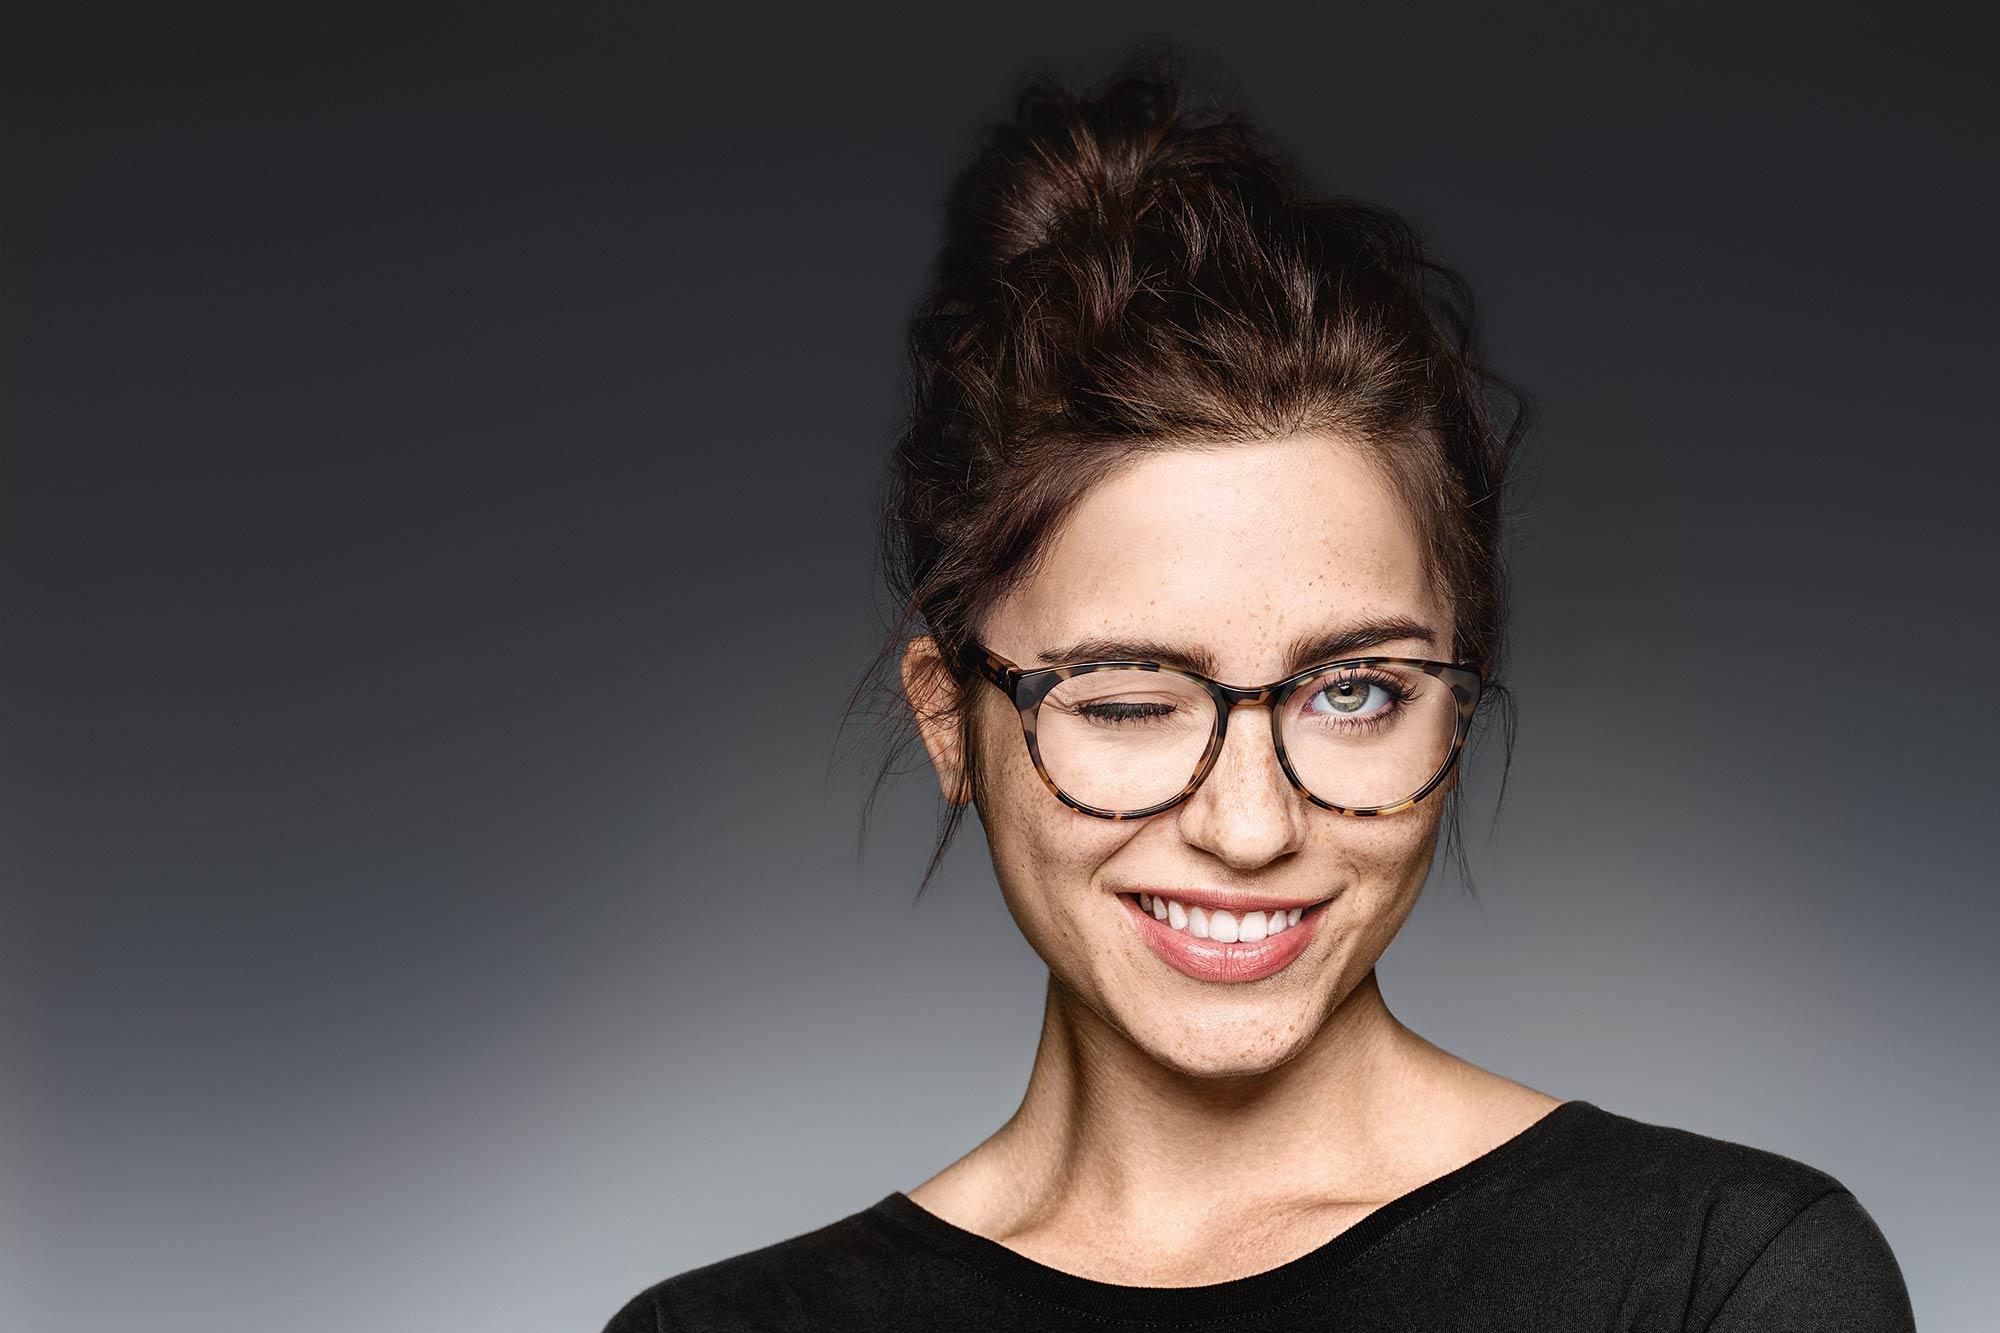 Vollständiger UV-Schutz in allen klaren Brillengläsern von ZEISS - bei Optik Sagawe in Rostock.